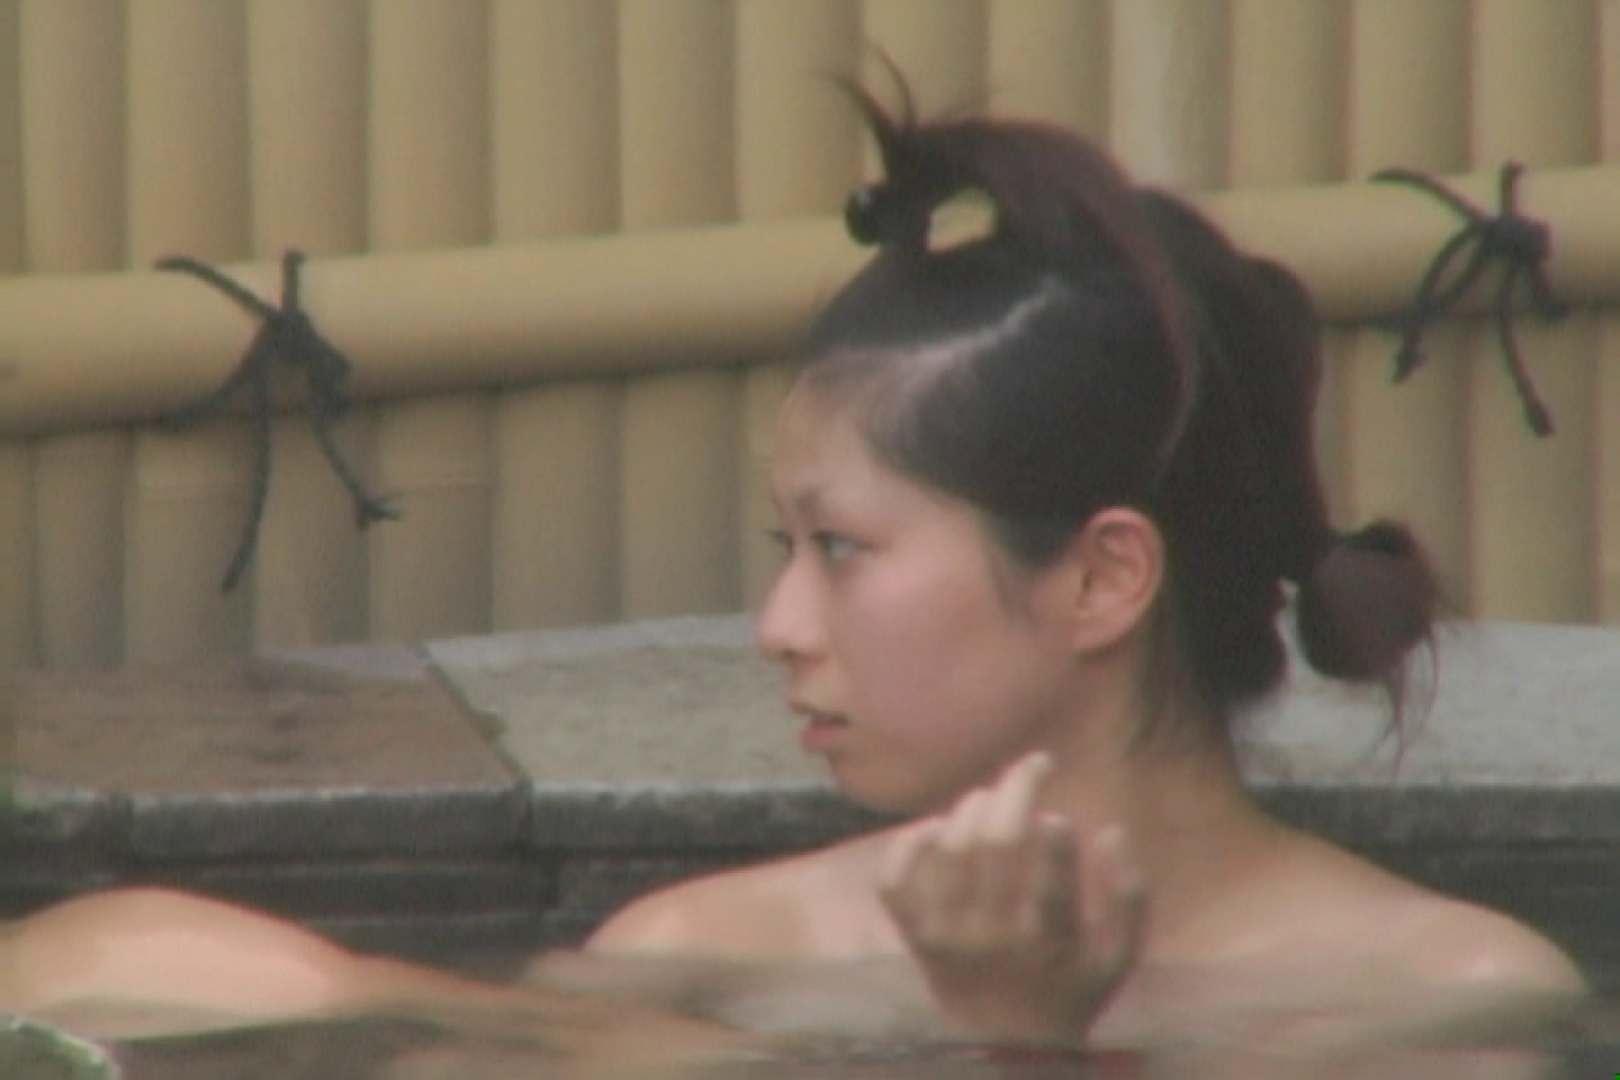 女露天風呂劇場 Vol.19 女湯の中 エロ画像 110画像 71